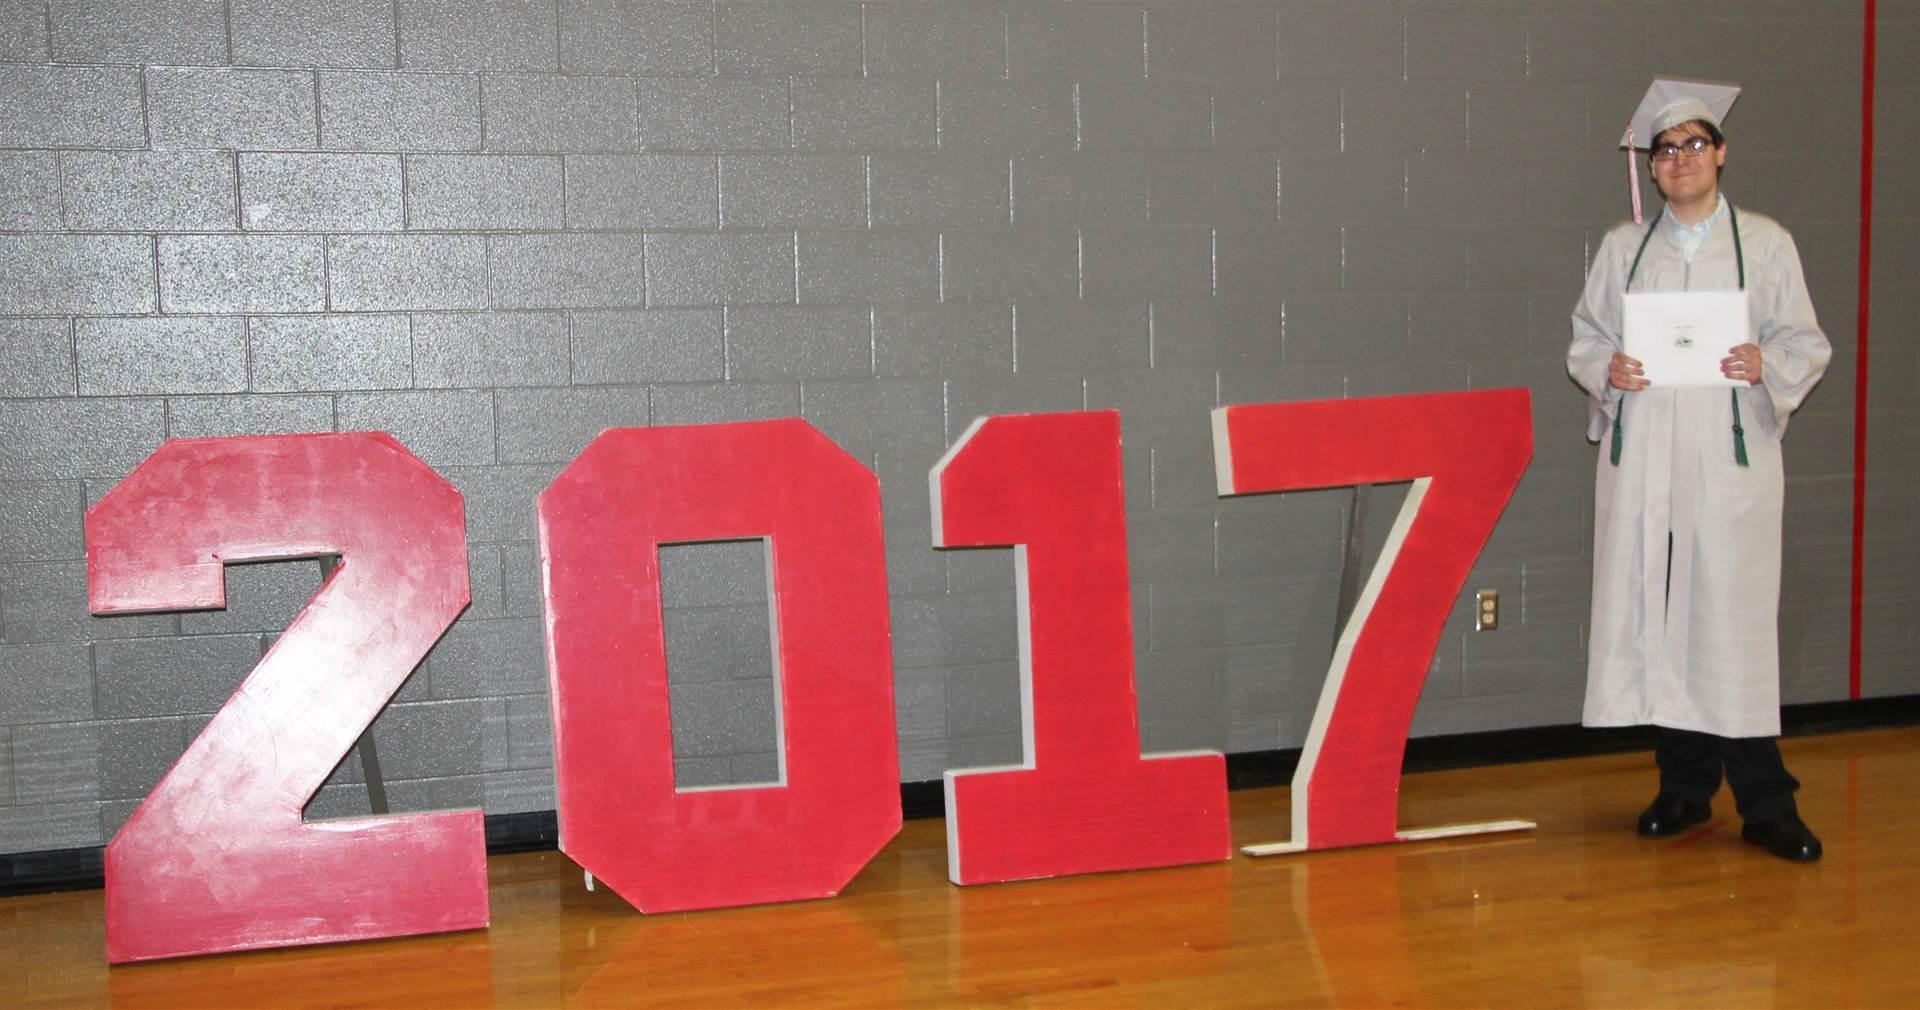 photo 161 from 2017 C V Graduation